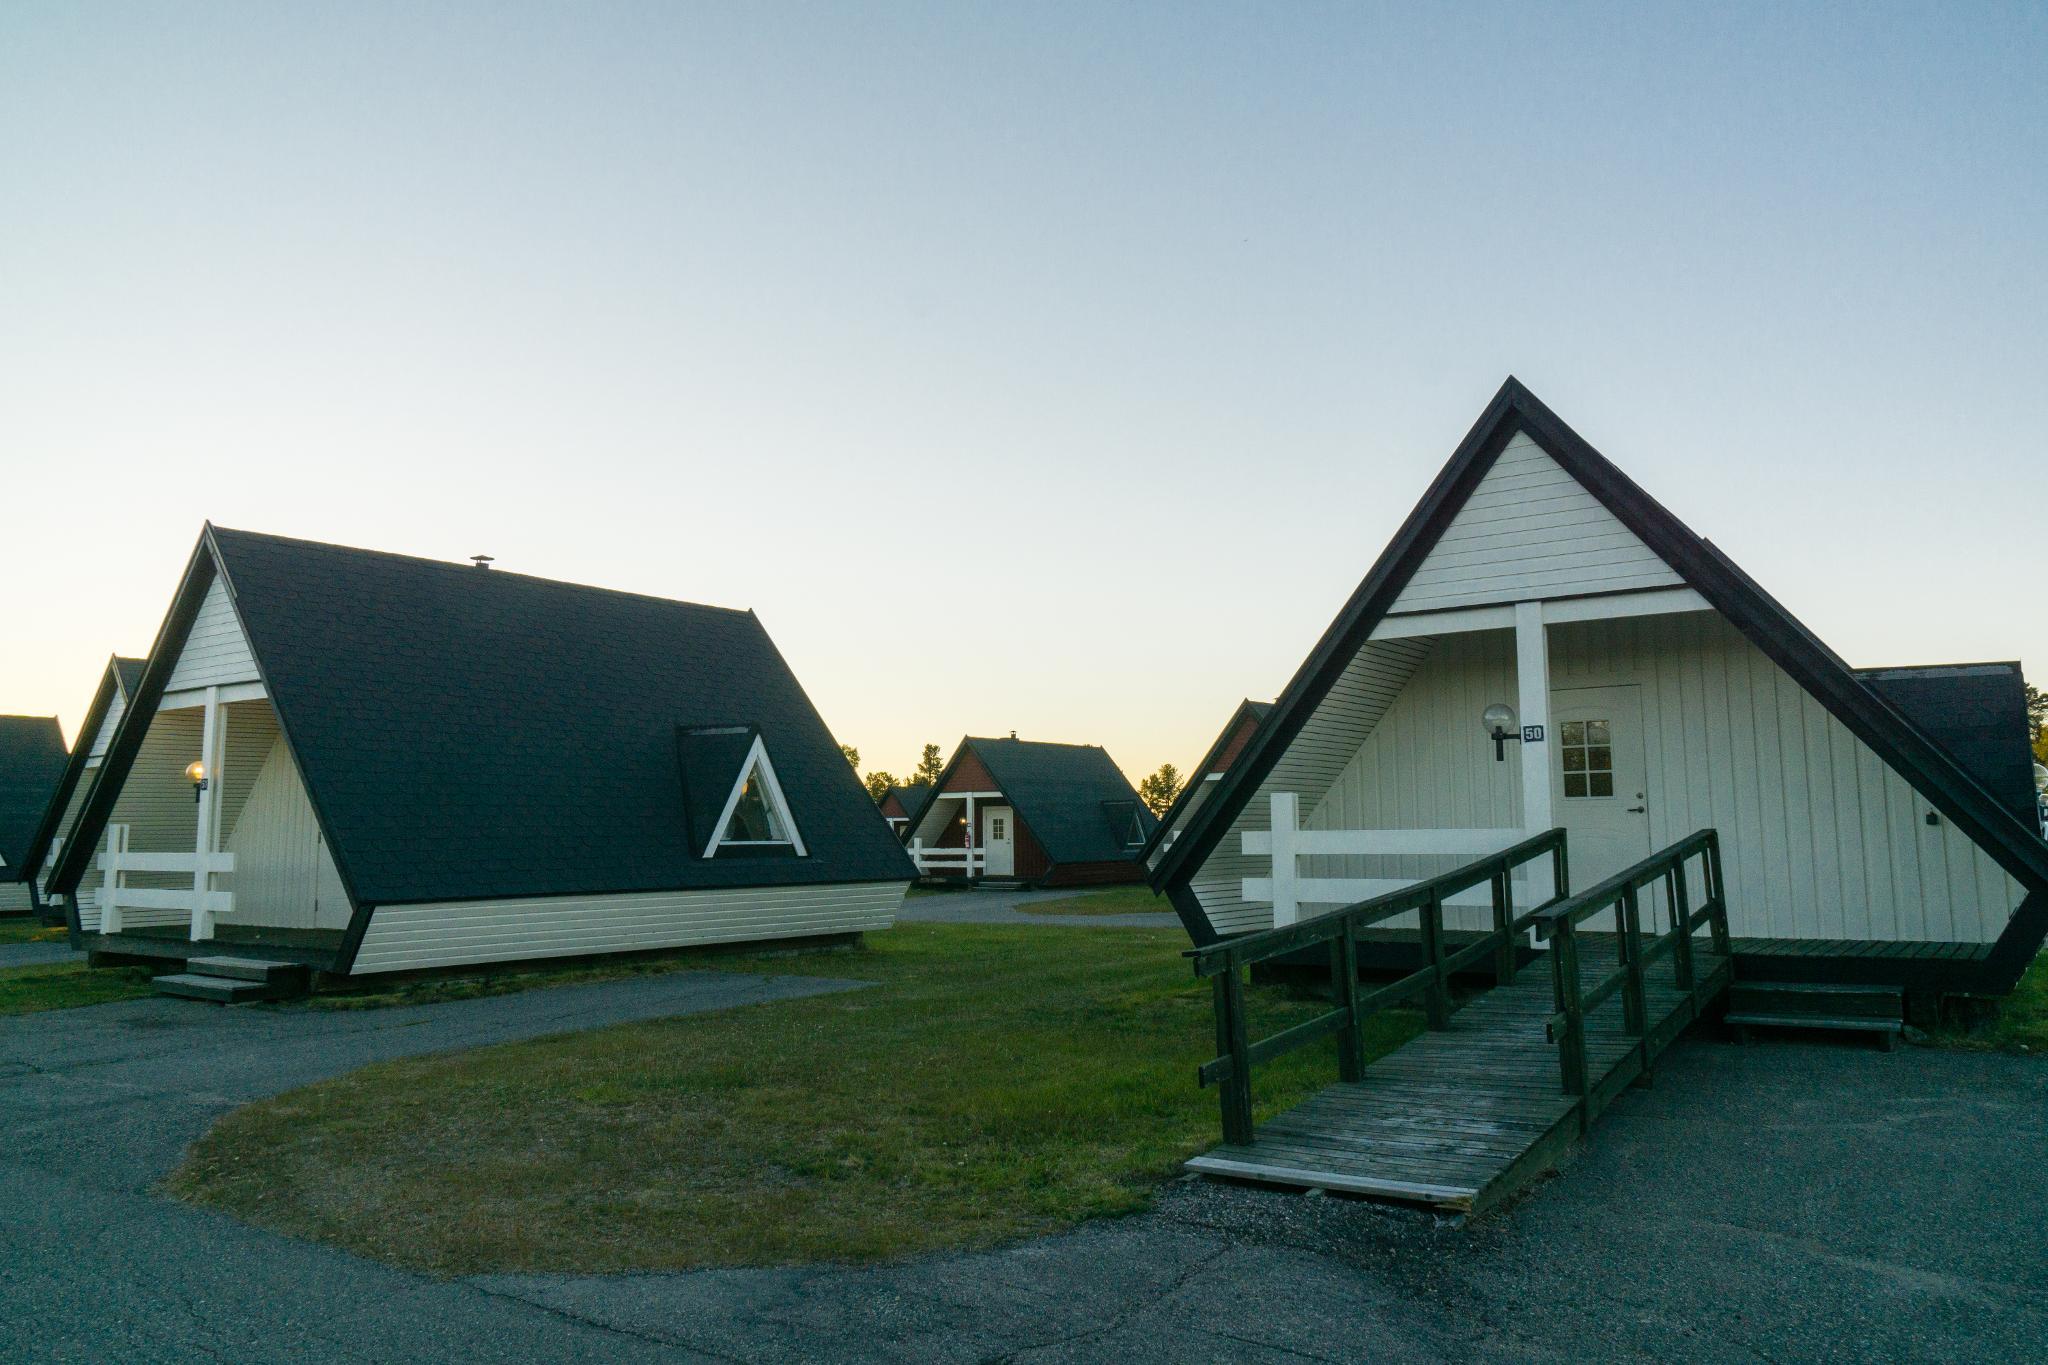 【北歐露營】北極荒野的推薦度假村 — 瑞典阿爾耶普魯格 Kraja 酒店 62